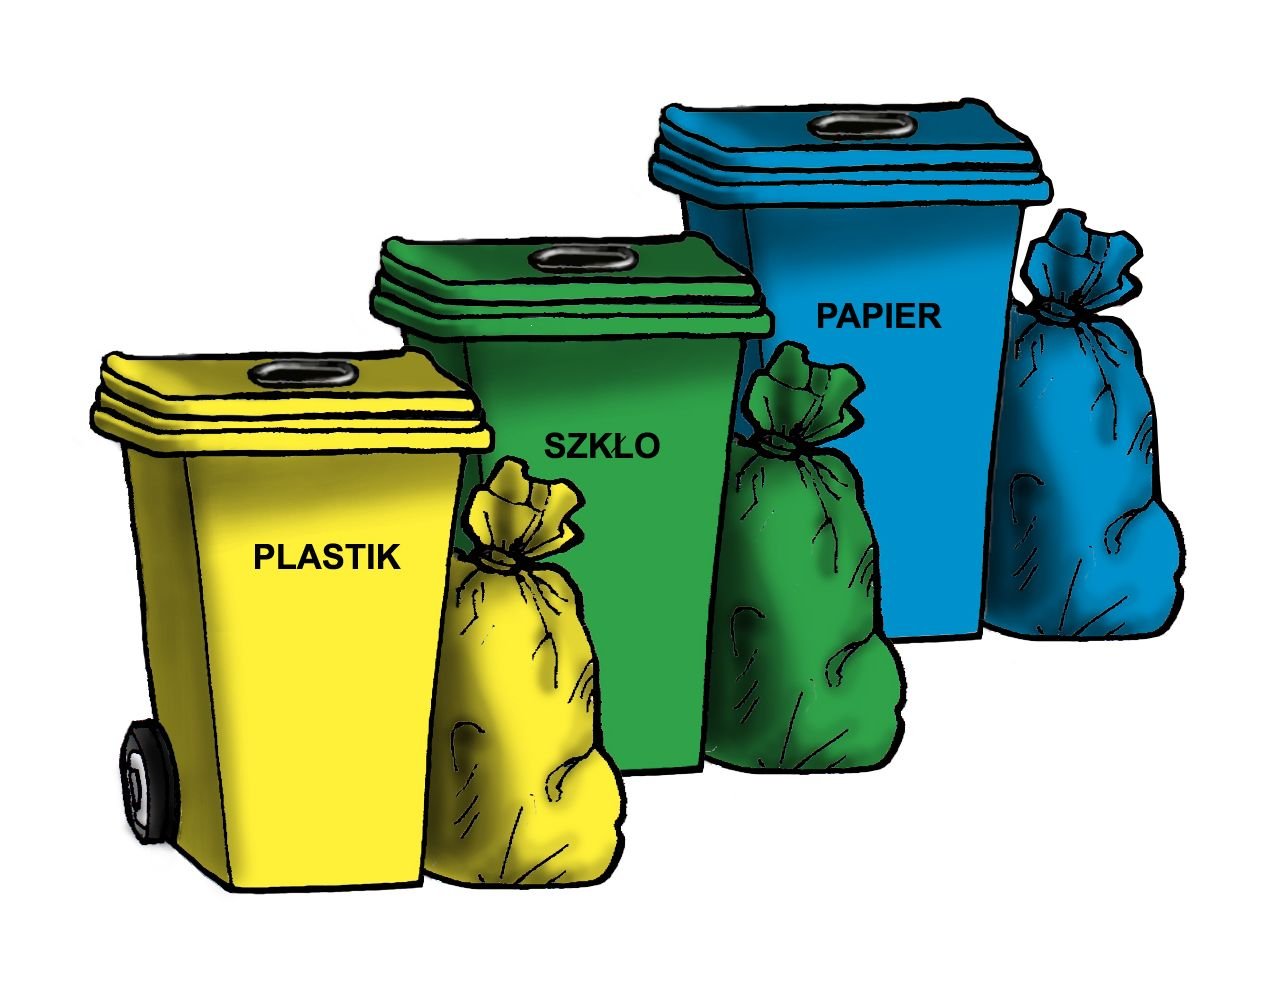 Opakowania foliowe - worki na śmieci